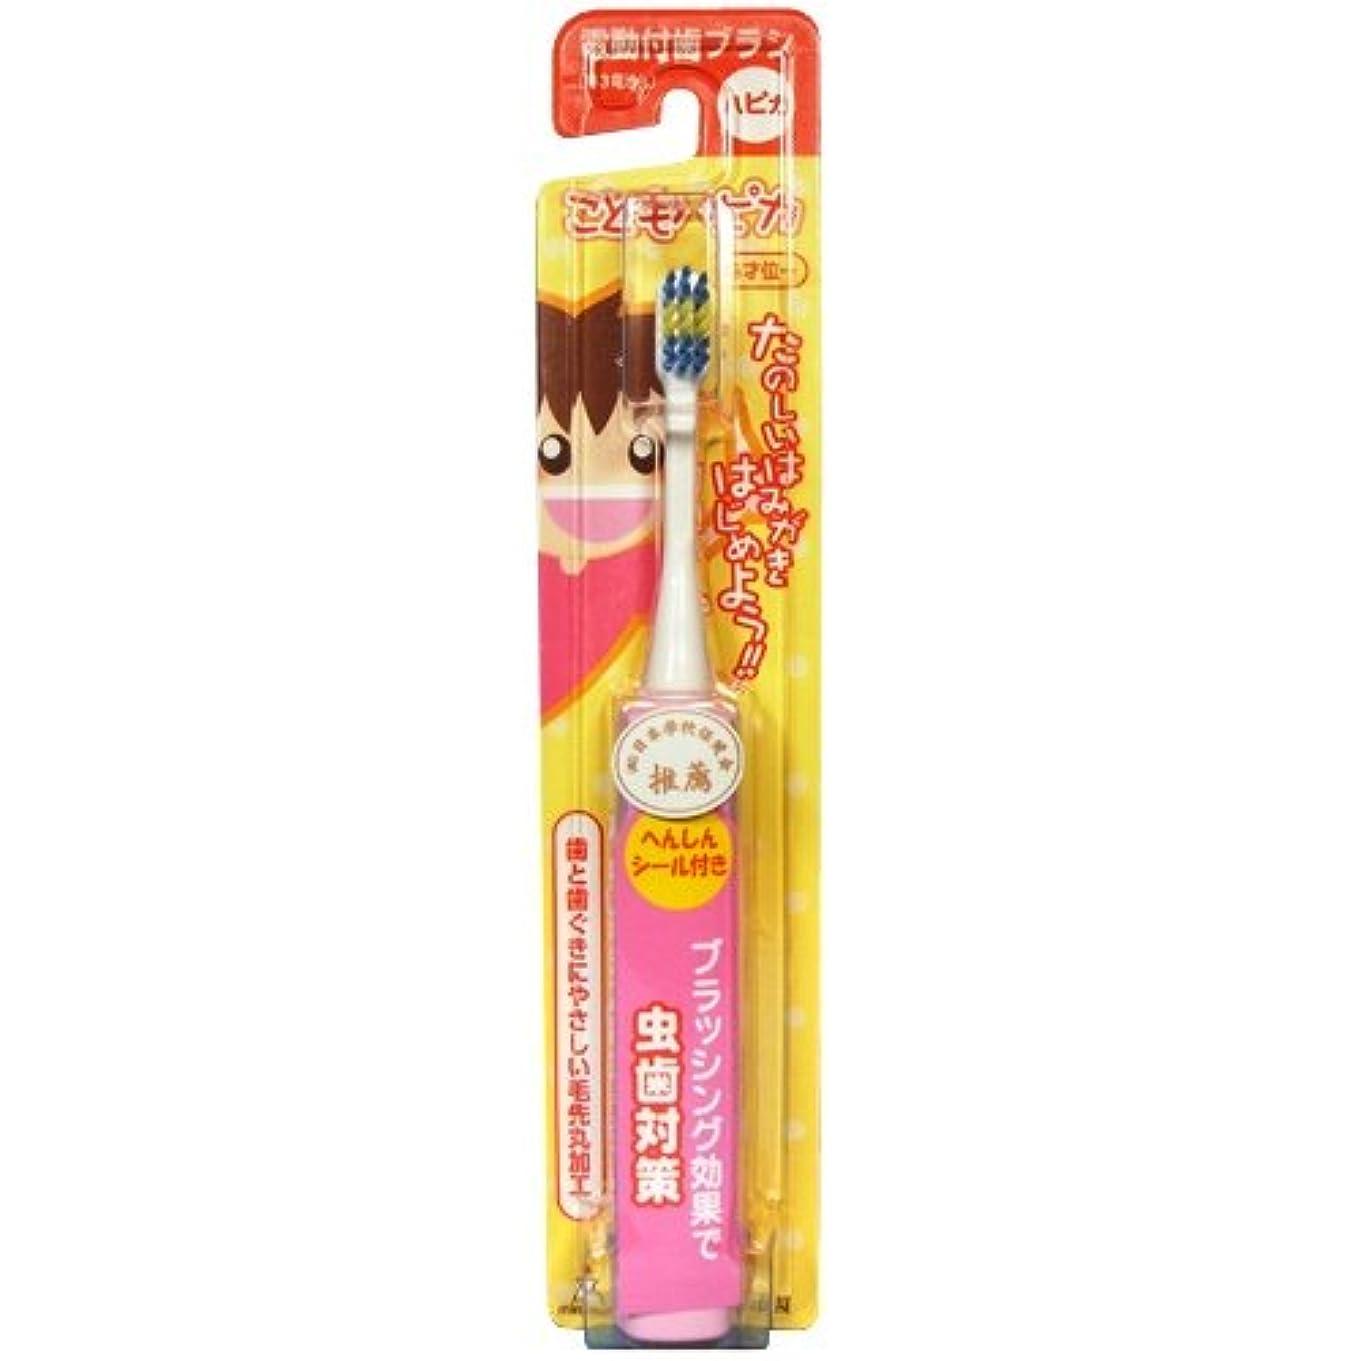 ケント義務学習ミニマム 電動付歯ブラシ こどもハピカ ピンク 毛の硬さ:やわらかめ DBK-1P(BP)